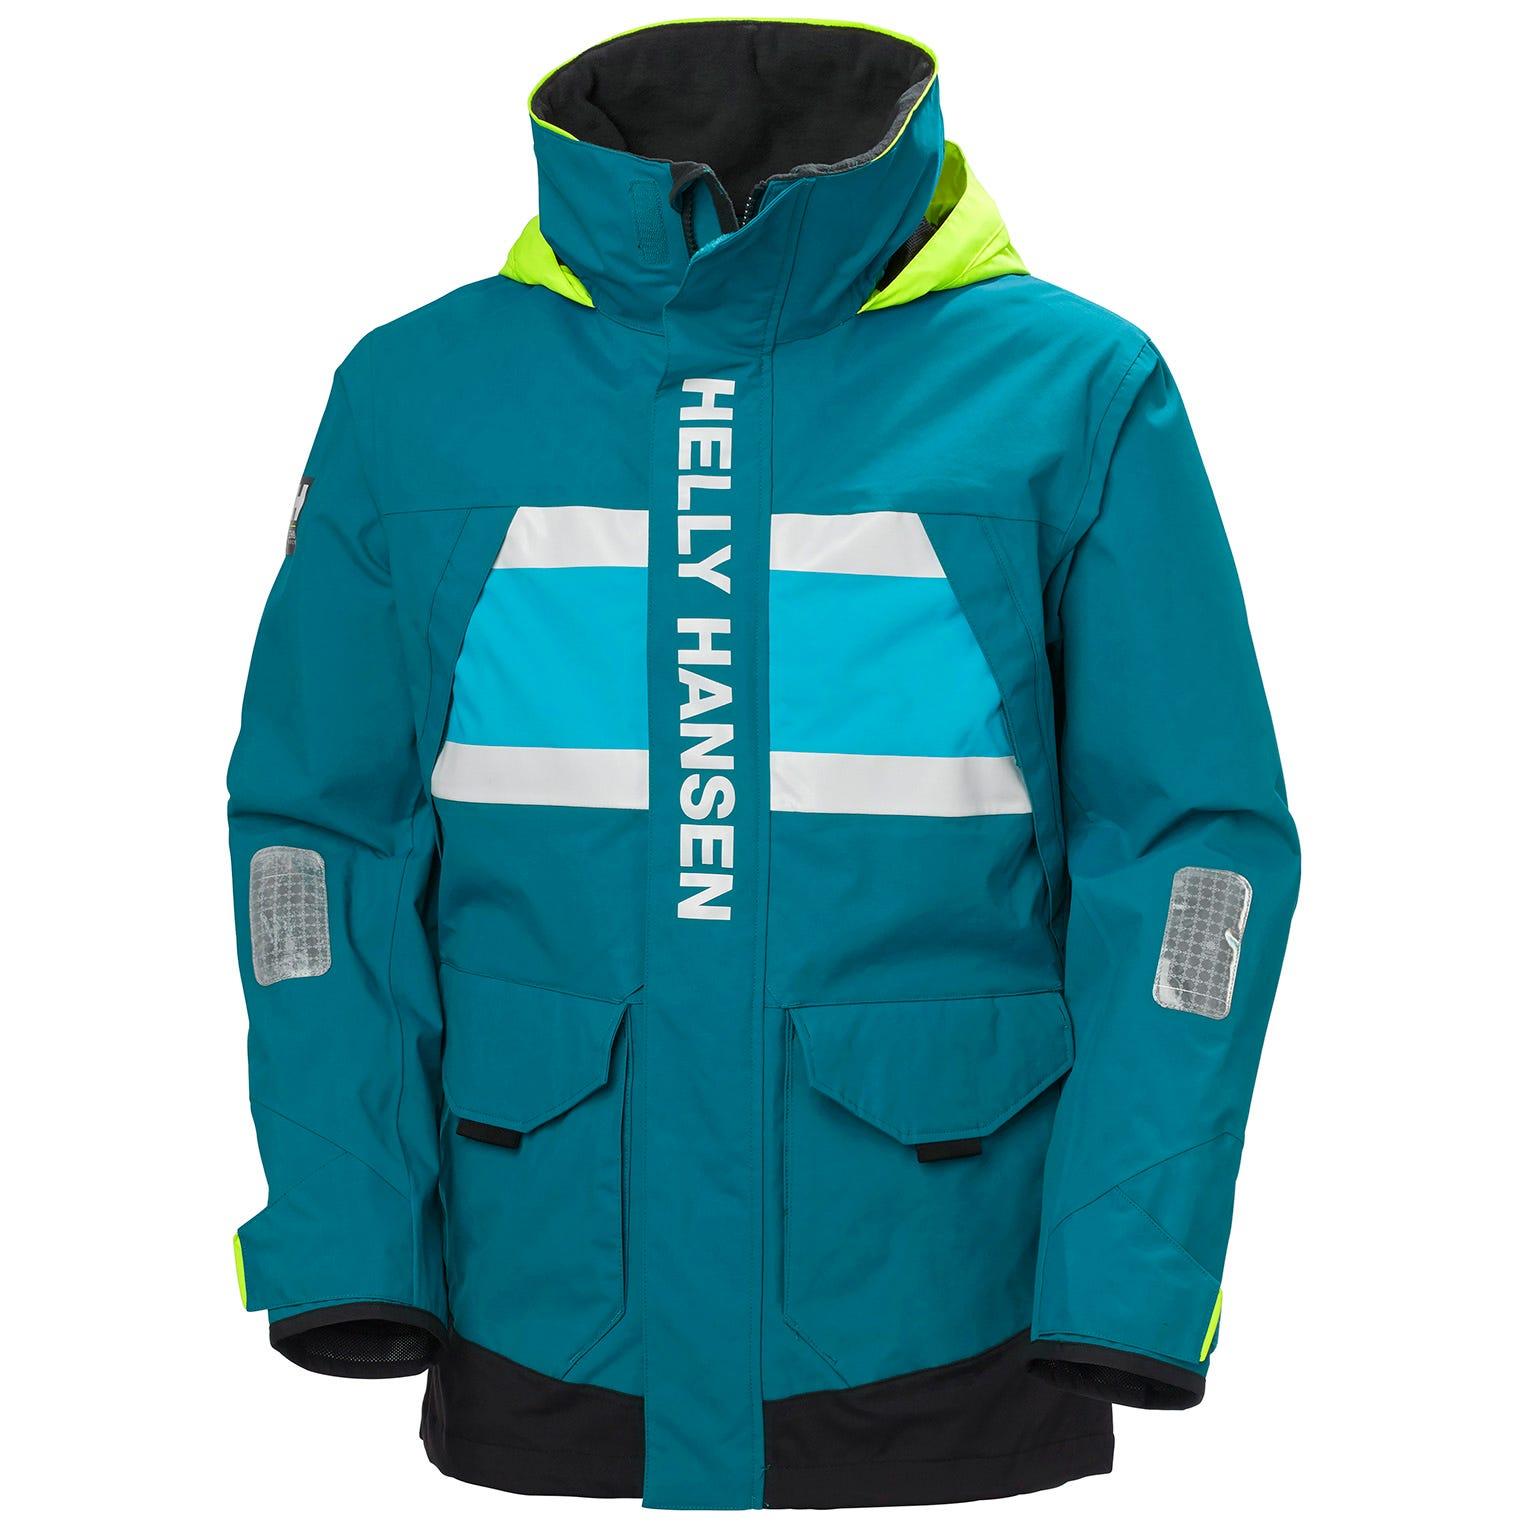 Helly Hansen Mens Salt Coastal Breathable Sailing Jacket M